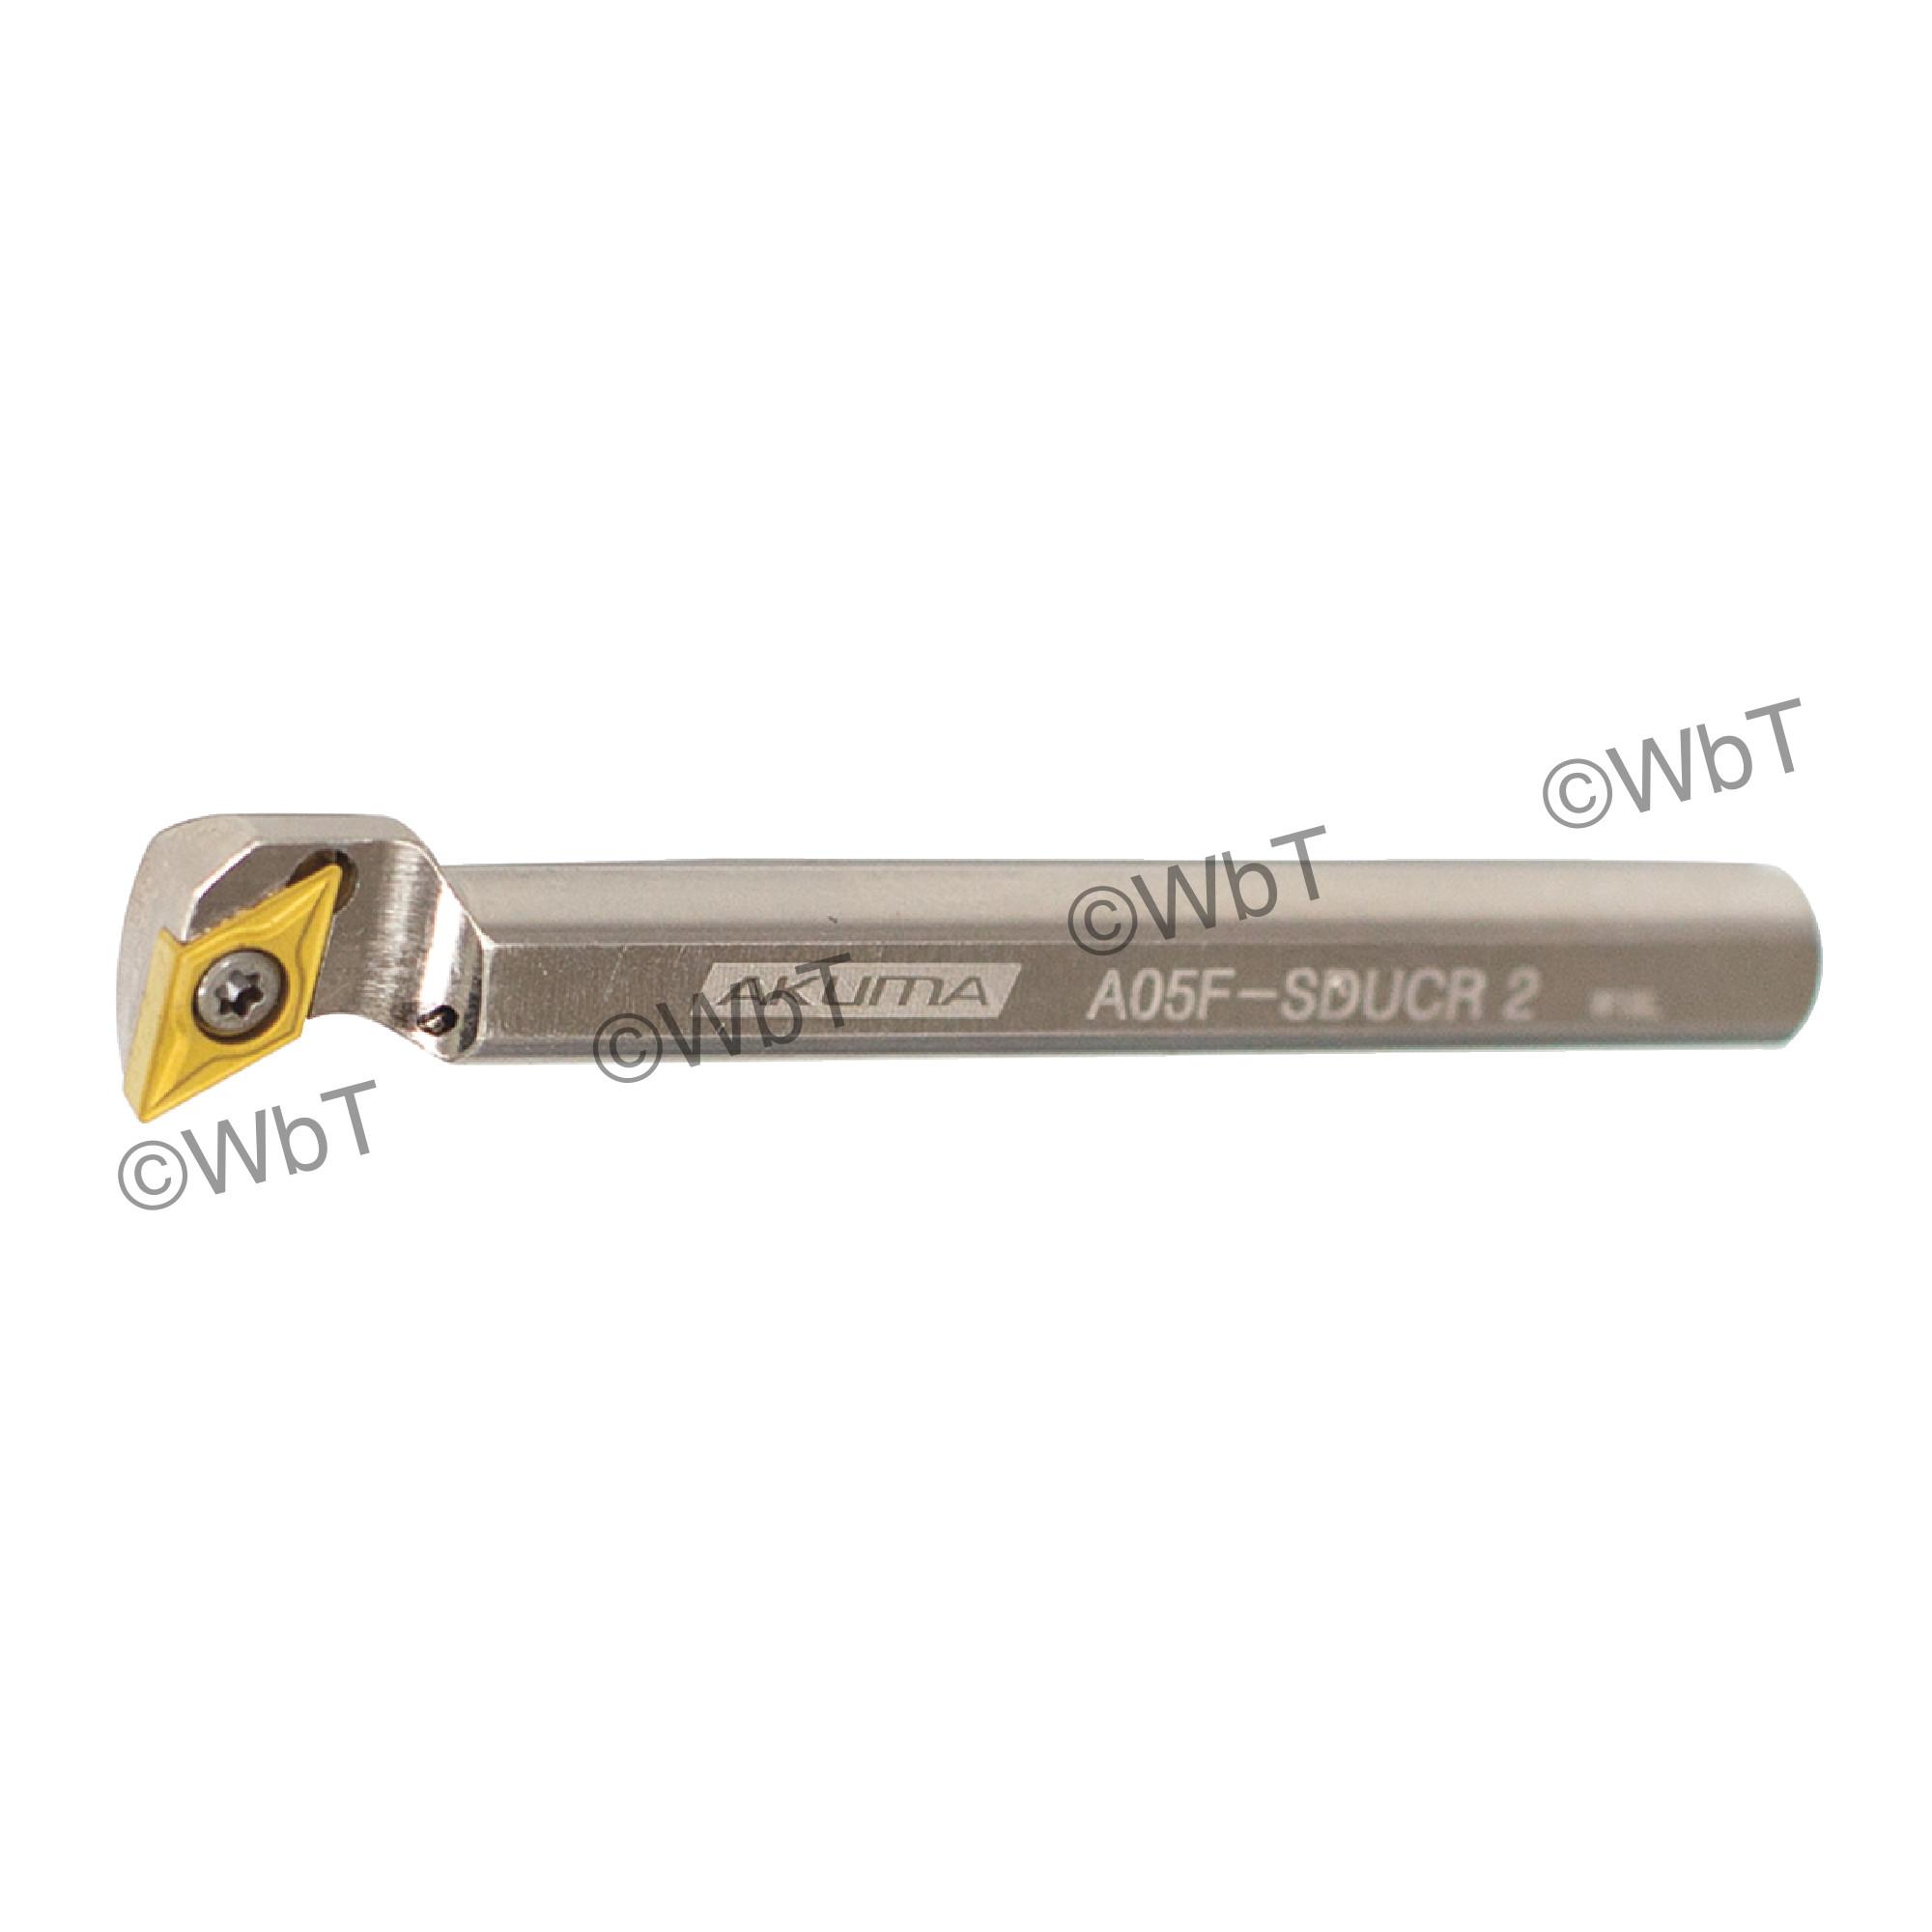 """AKUMA - A05F-SDUCR-2 / Steel Boring Bar / 3/16"""" Shank / DCMT2(1.5)_ / Cooalnt Thru / Right Hand"""